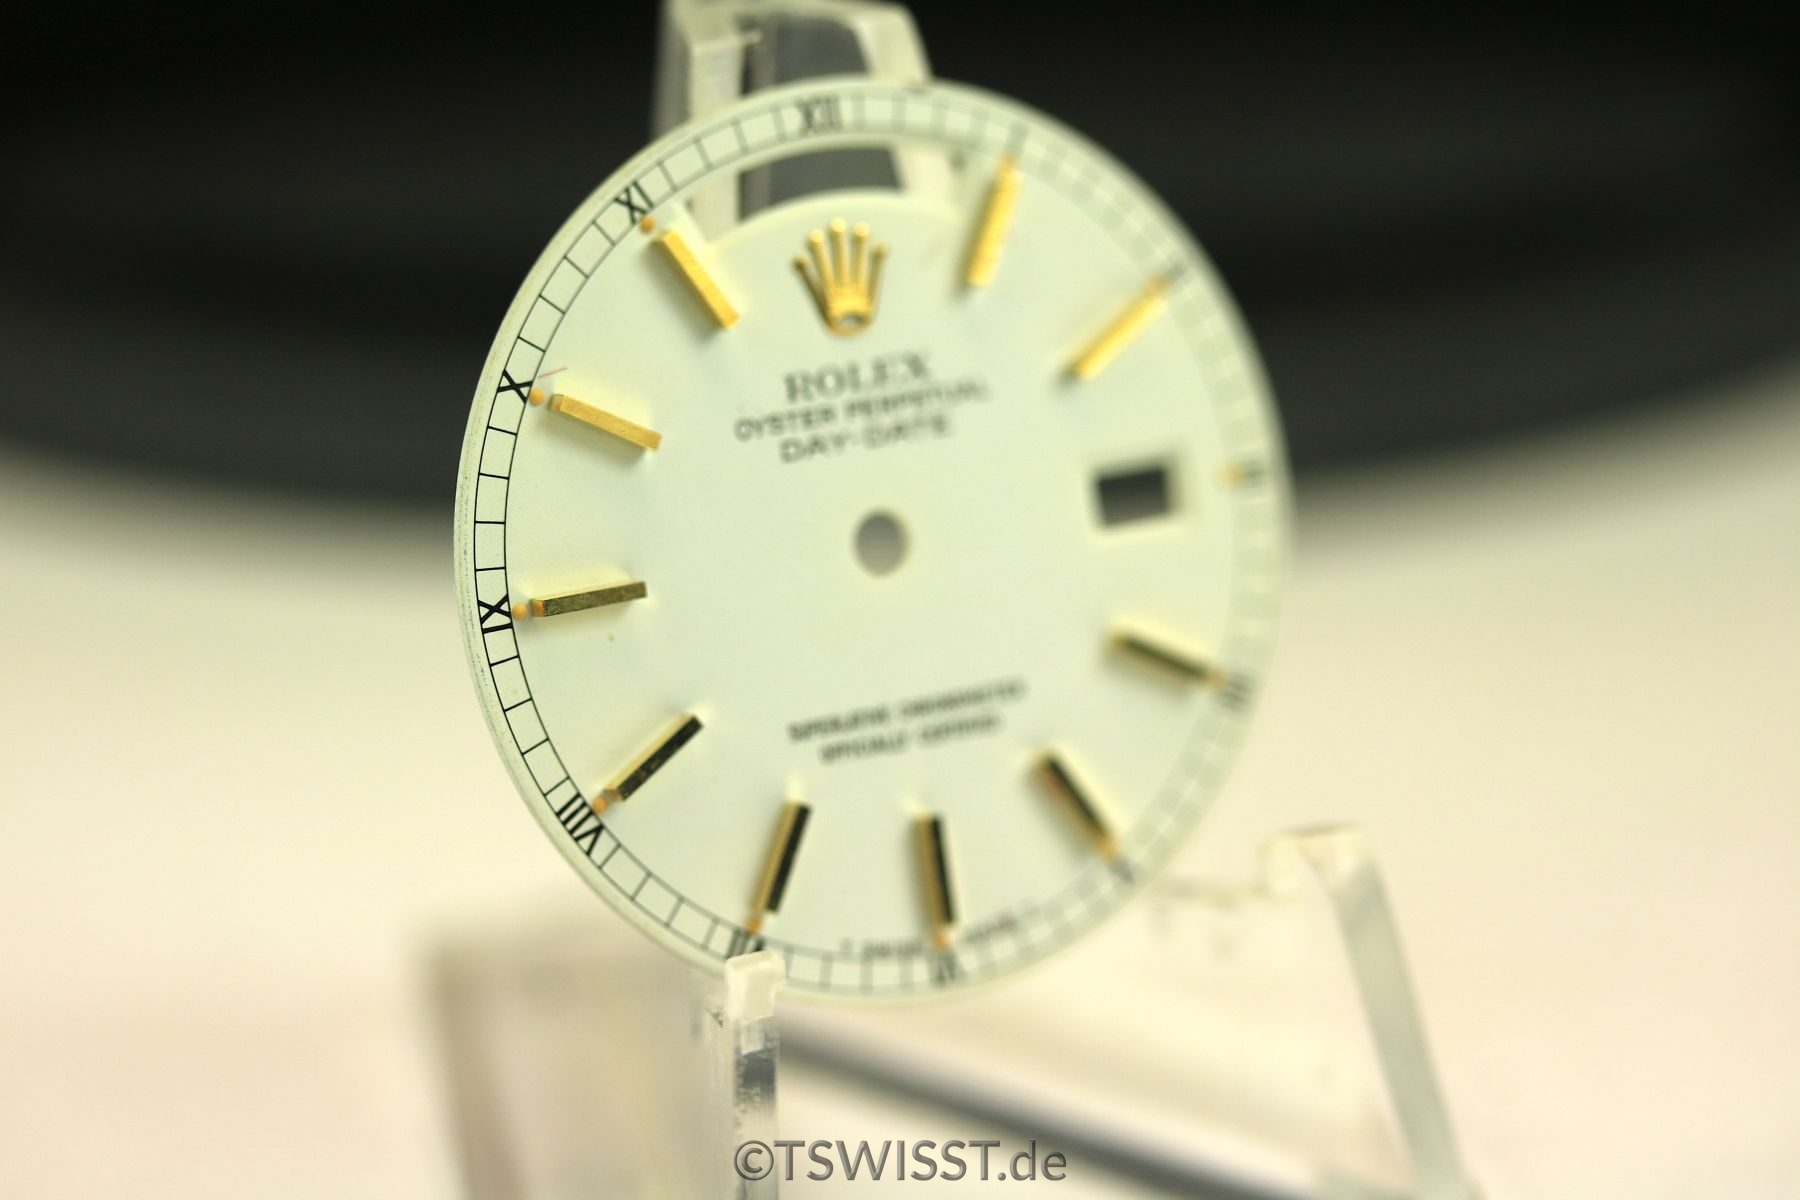 Rolex Daydate dial